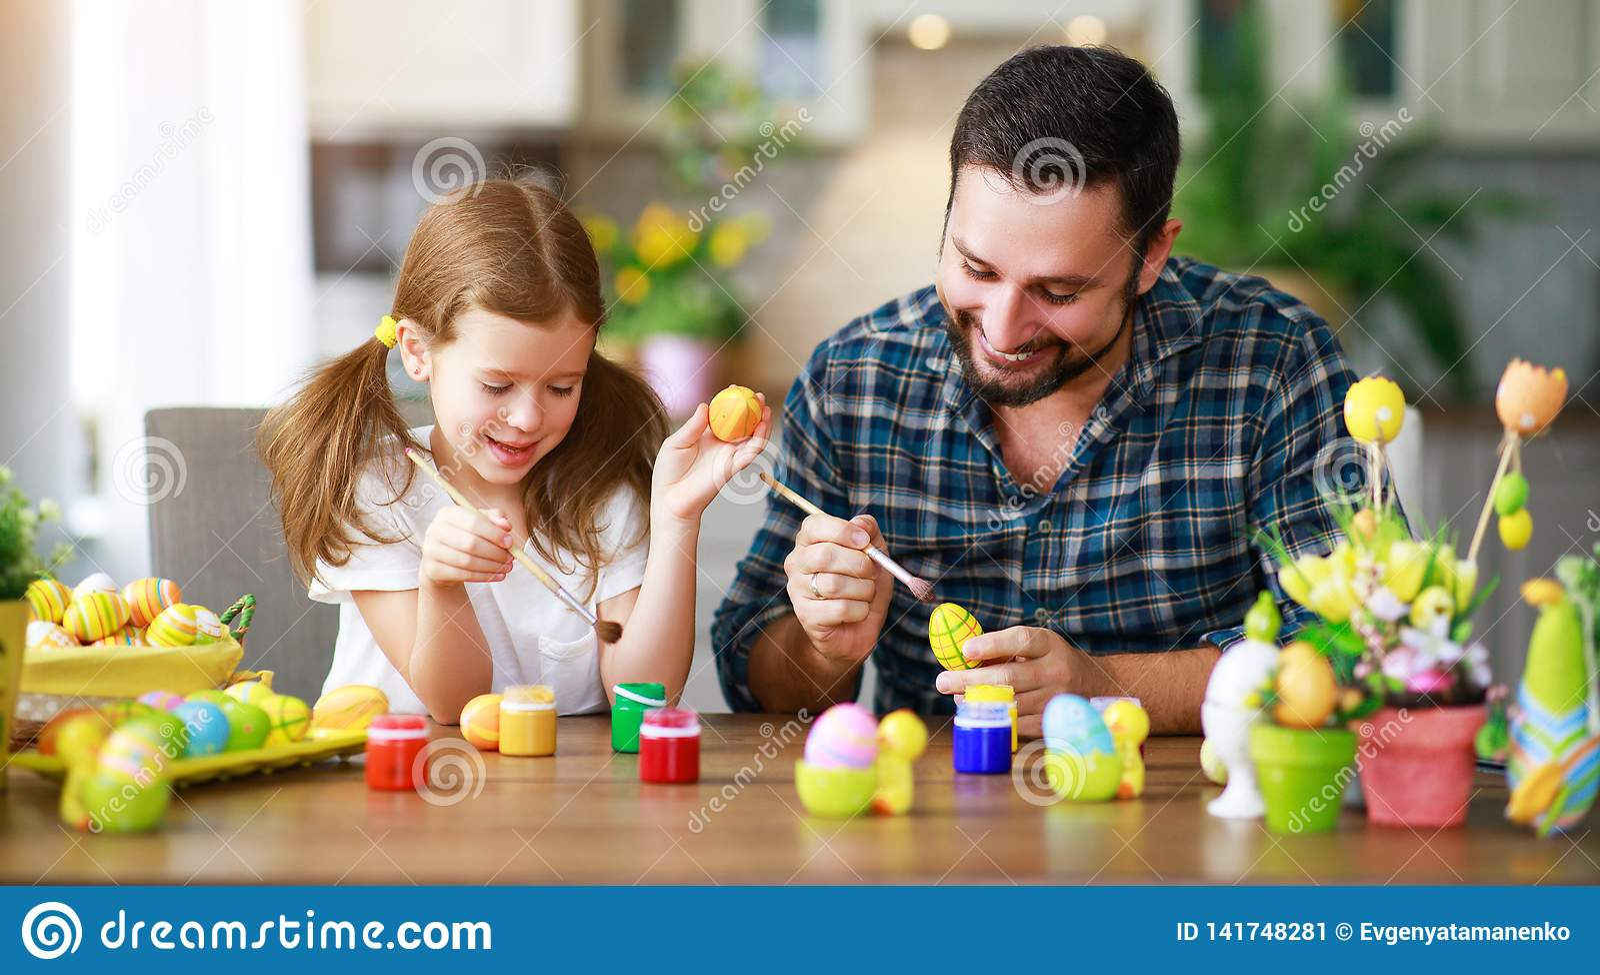 Счастливая пасха! отец и ребенок семьи с зайцами ушей получая готова на праздник